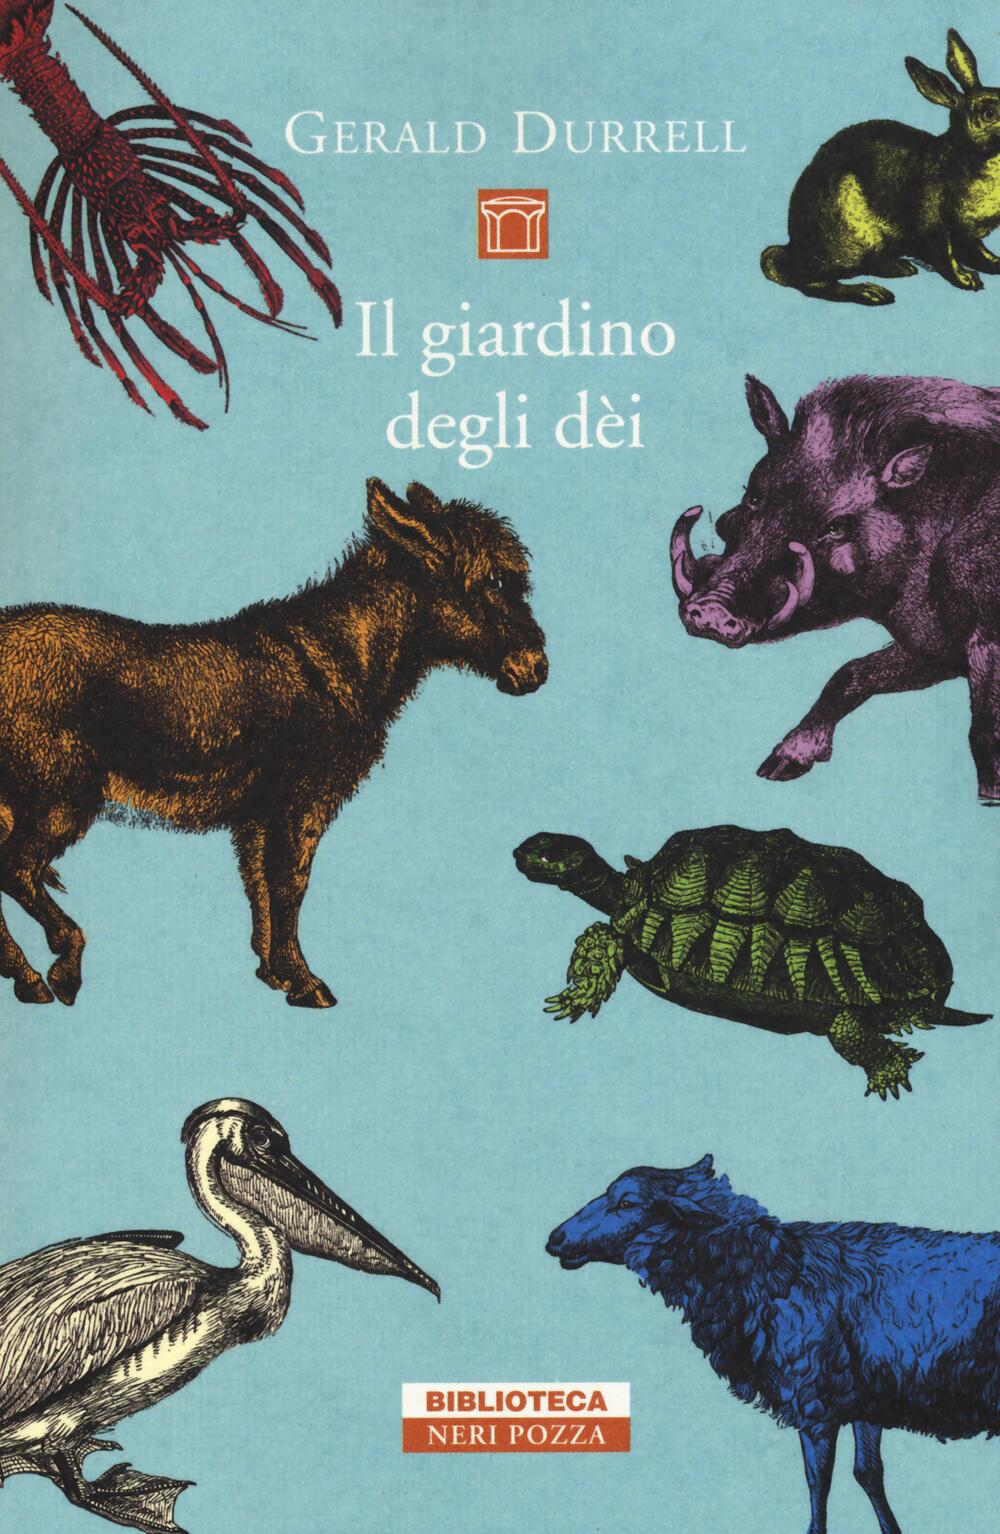 Il giardino degli dei gerald durrell libro neri - Il giardino degli dei ...